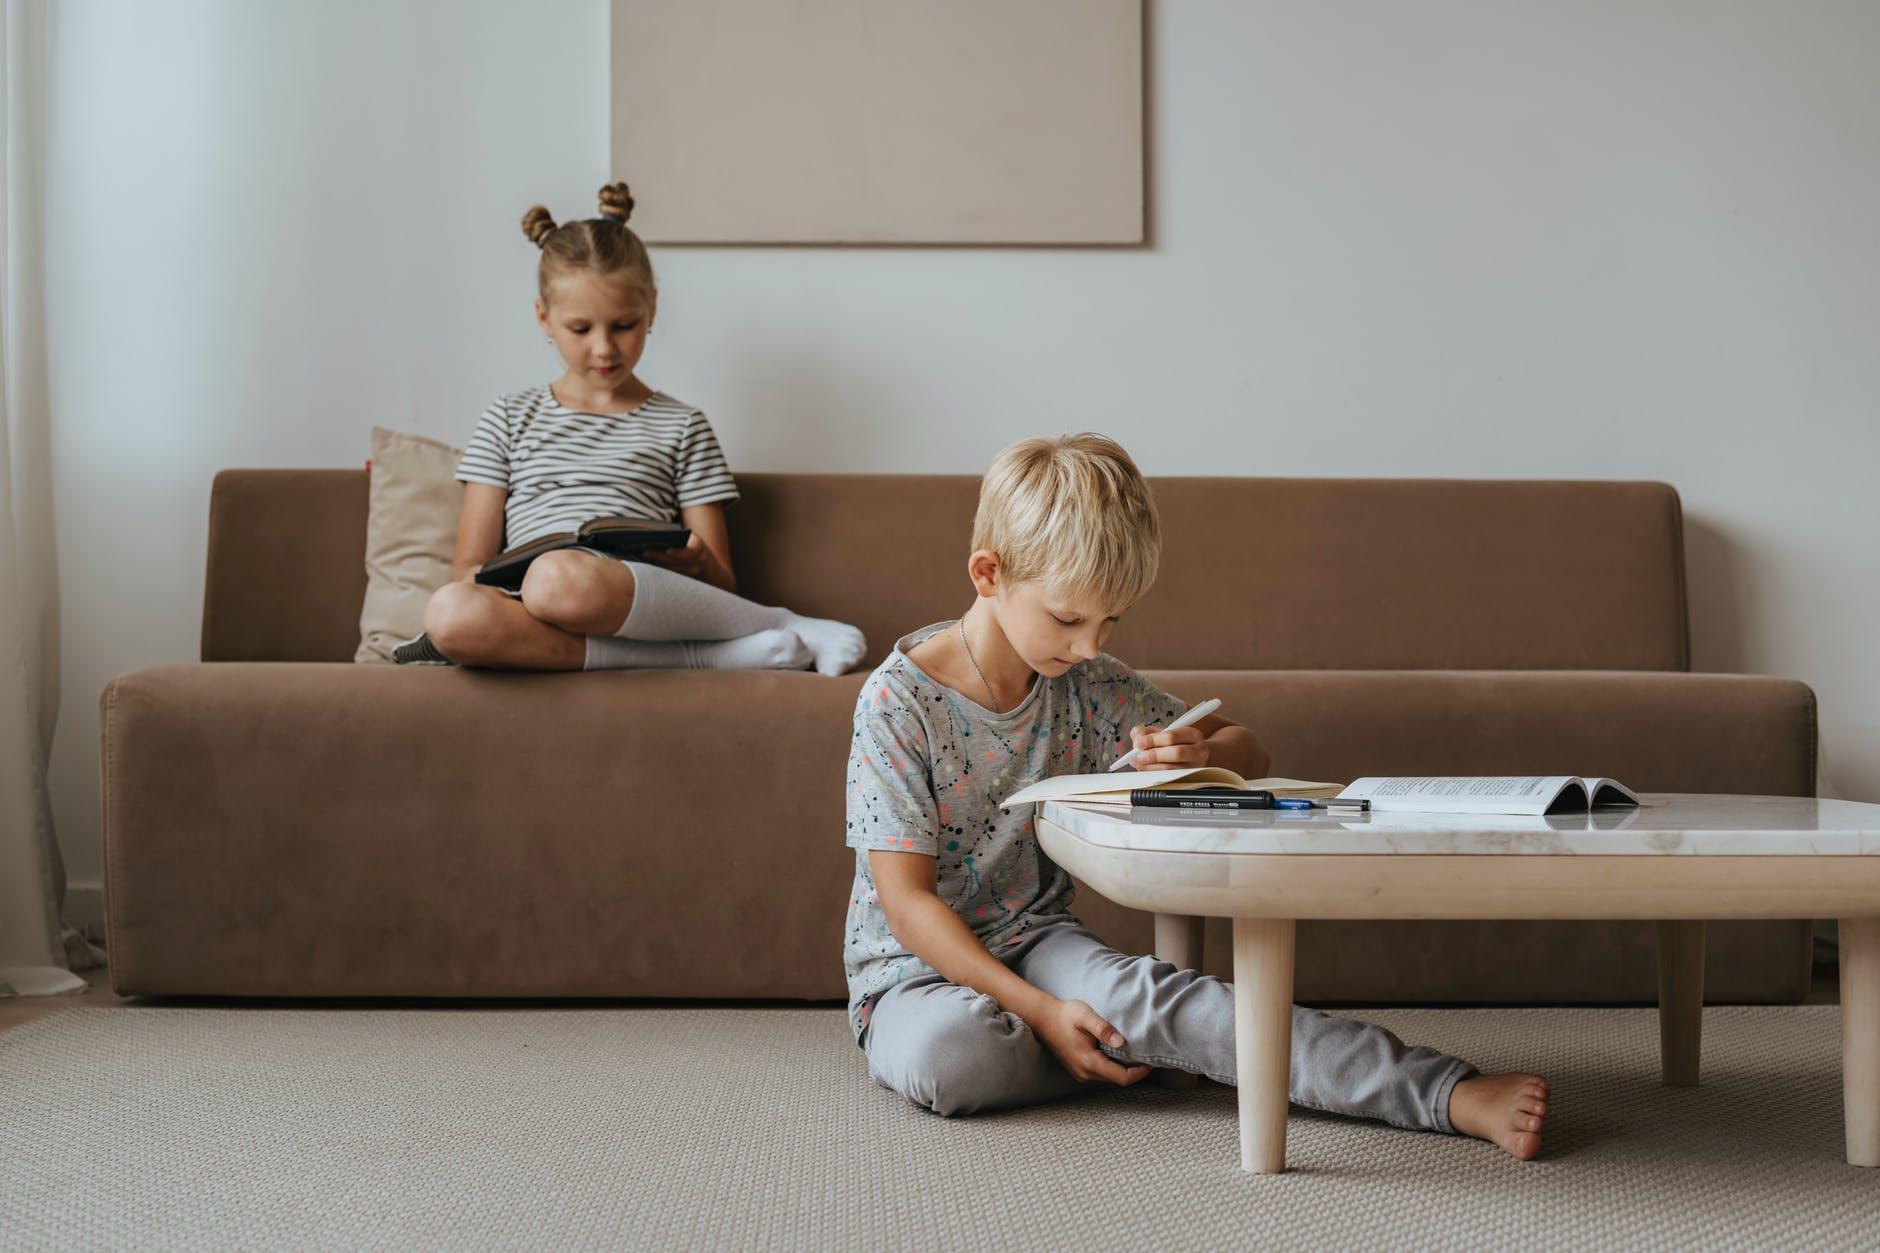 Наличие сестры делает жизнь ребенка намного лучше